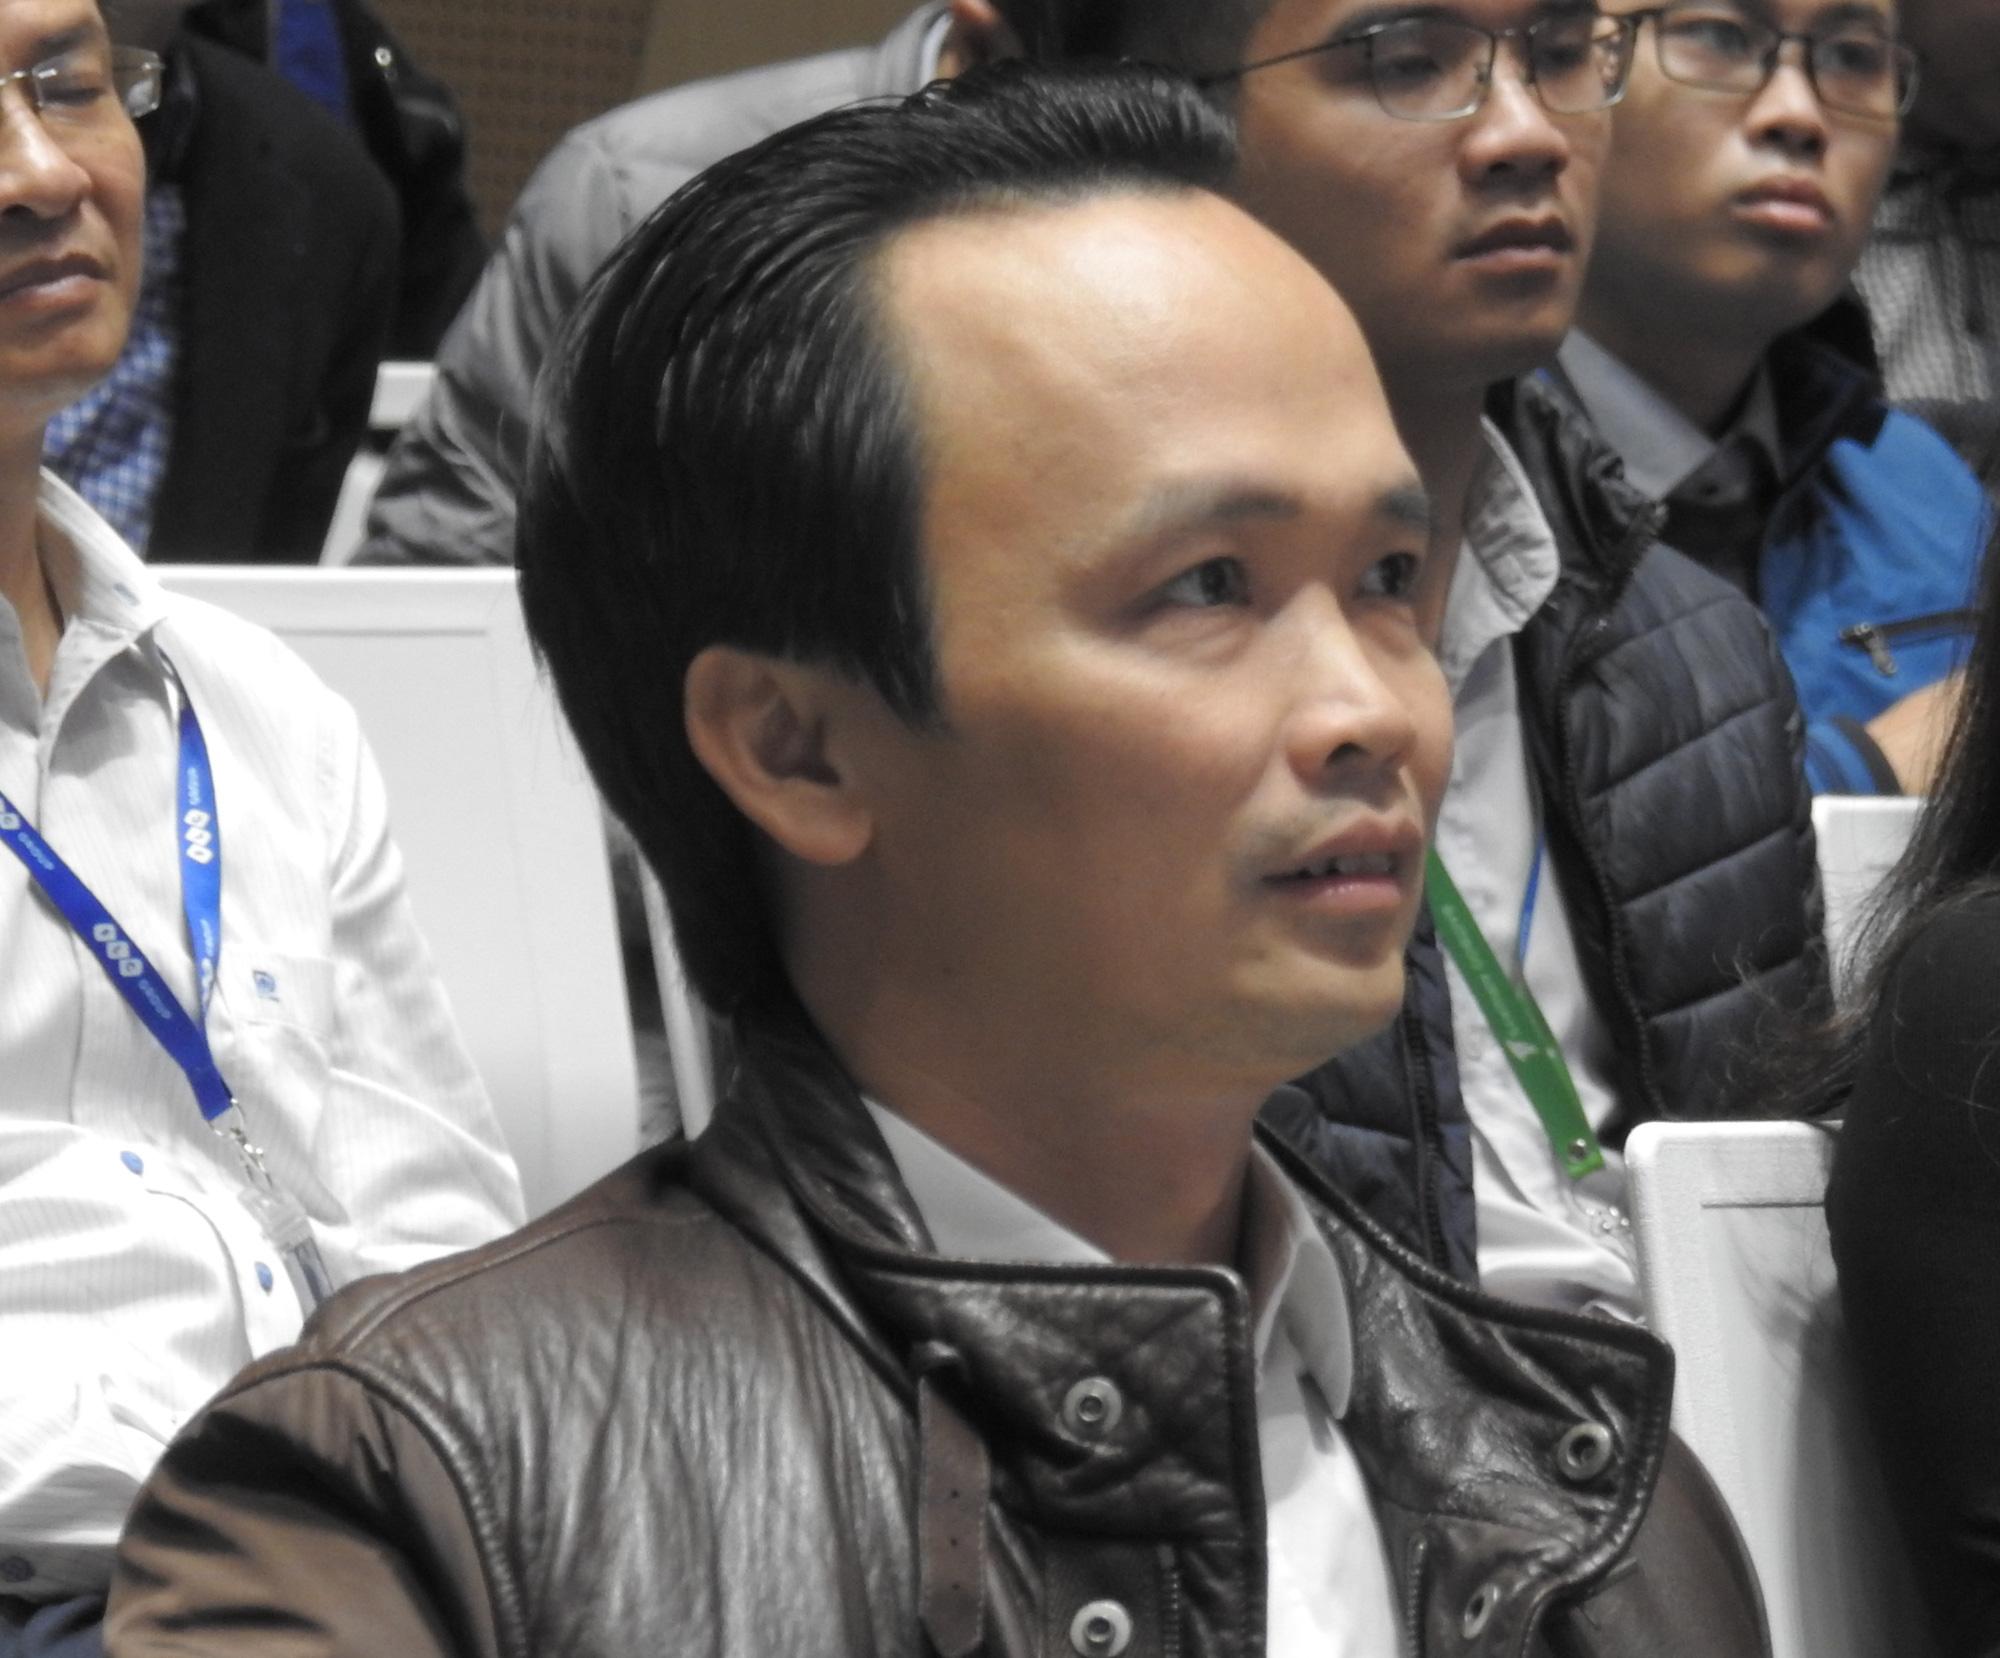 Cổ phiếu GAB tăng giá gấp 5 lần, ông Trịnh Văn Quyết muốn mua 2 triệu cp - Ảnh 1.